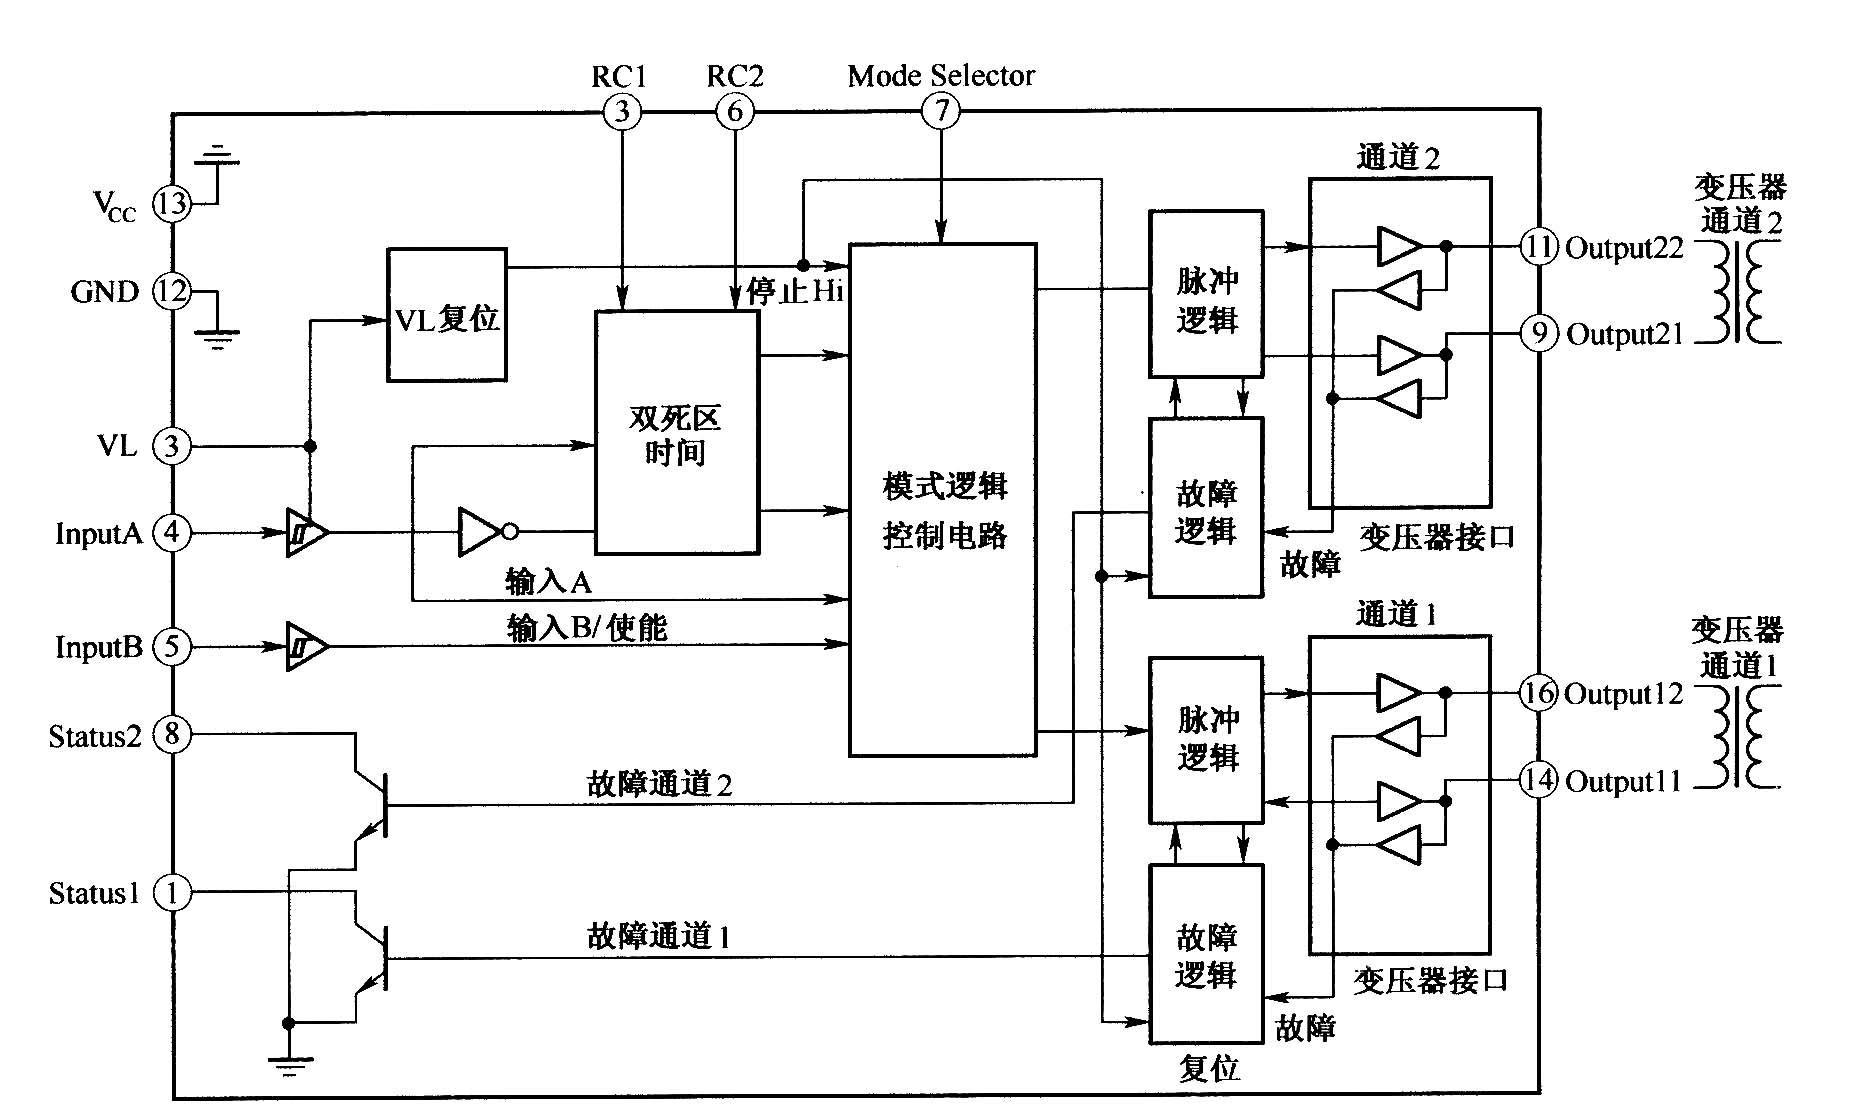 松下a4系列伺服驱动器接线图